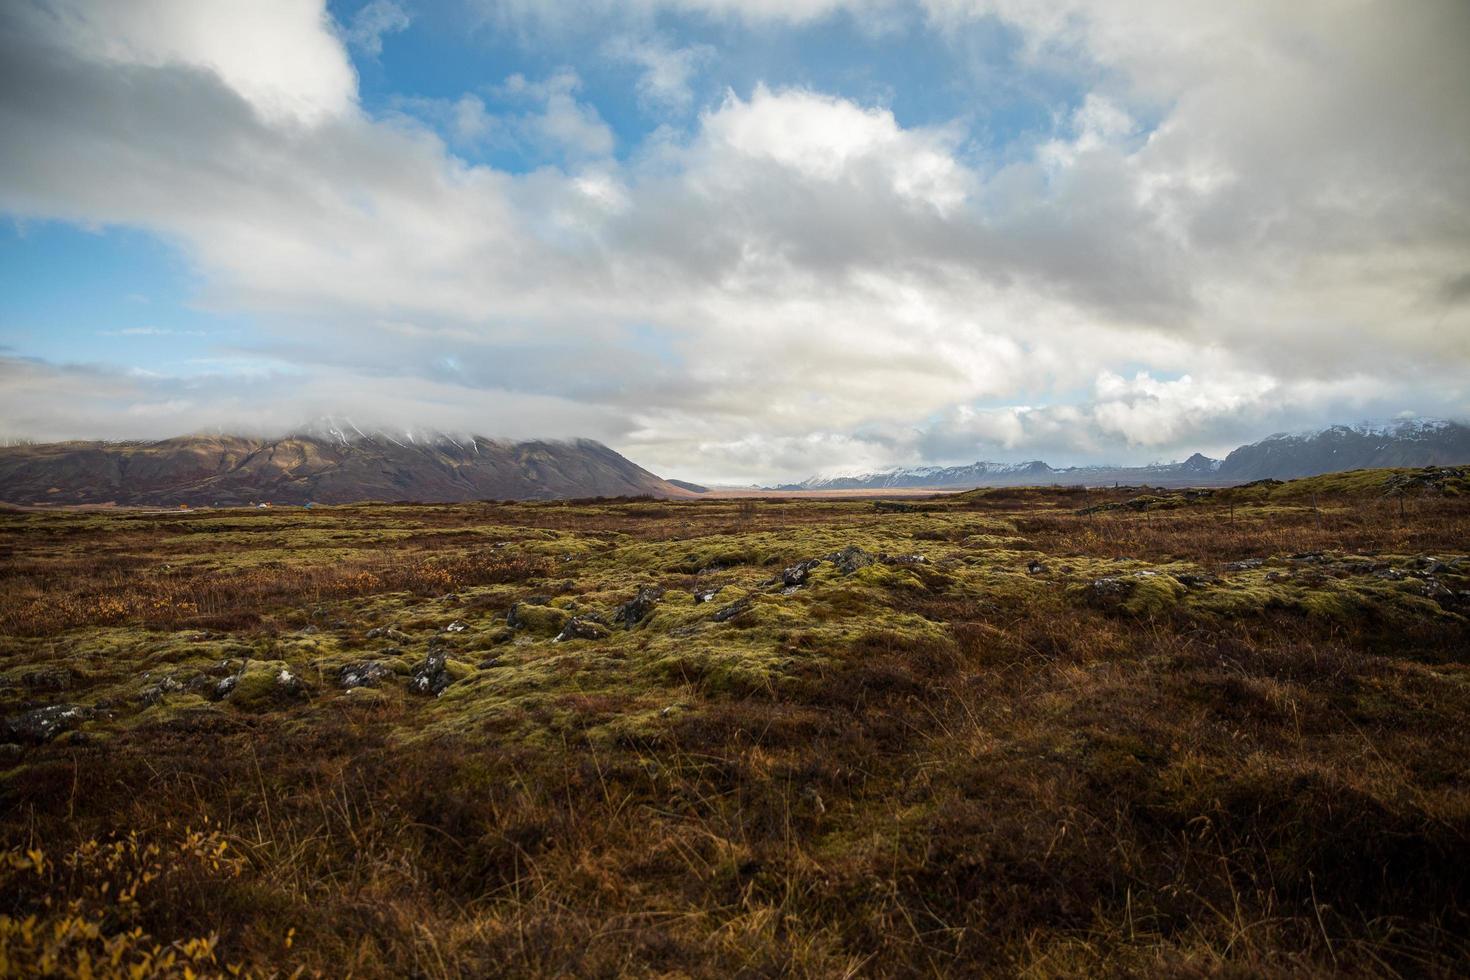 Campo de hierba verde bajo el cielo nublado durante el día foto